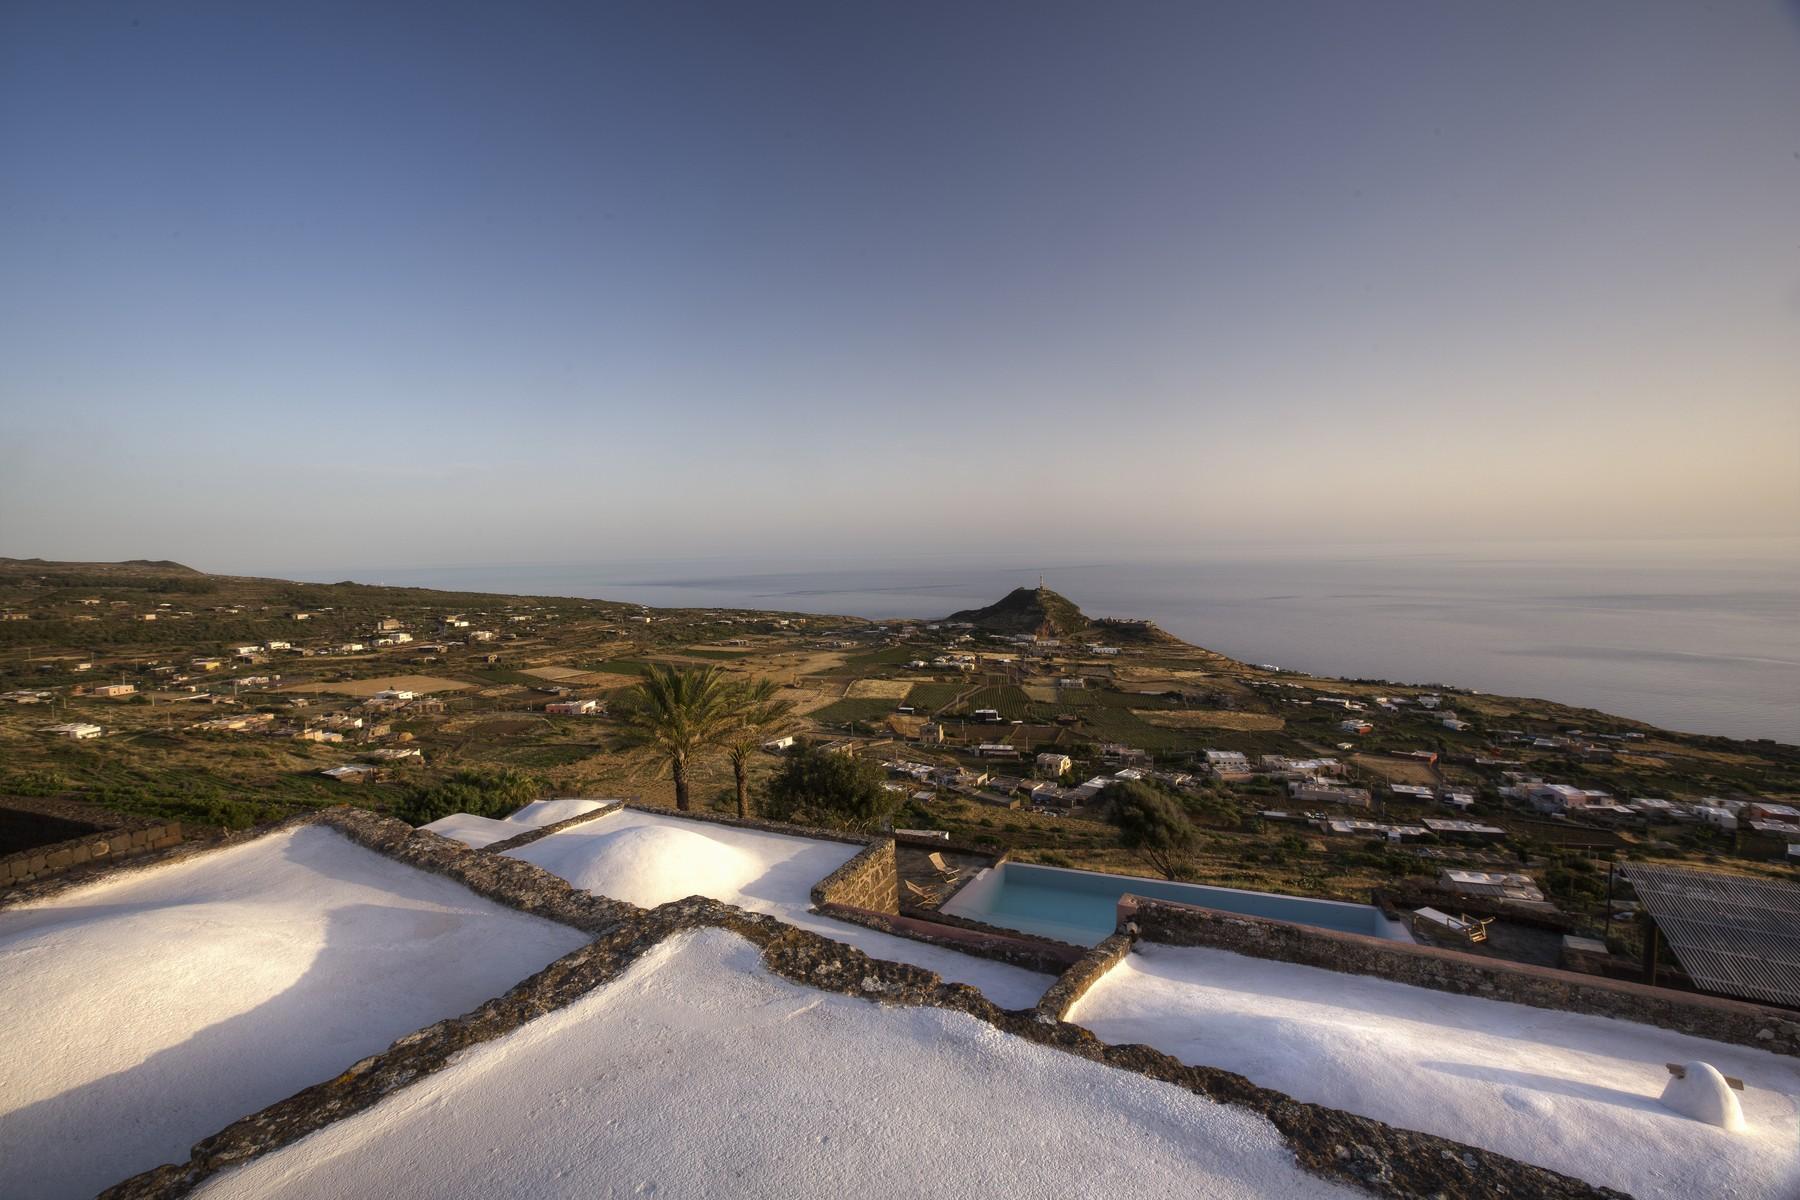 独特的Pantelleria岛上的纯净天堂 - 18